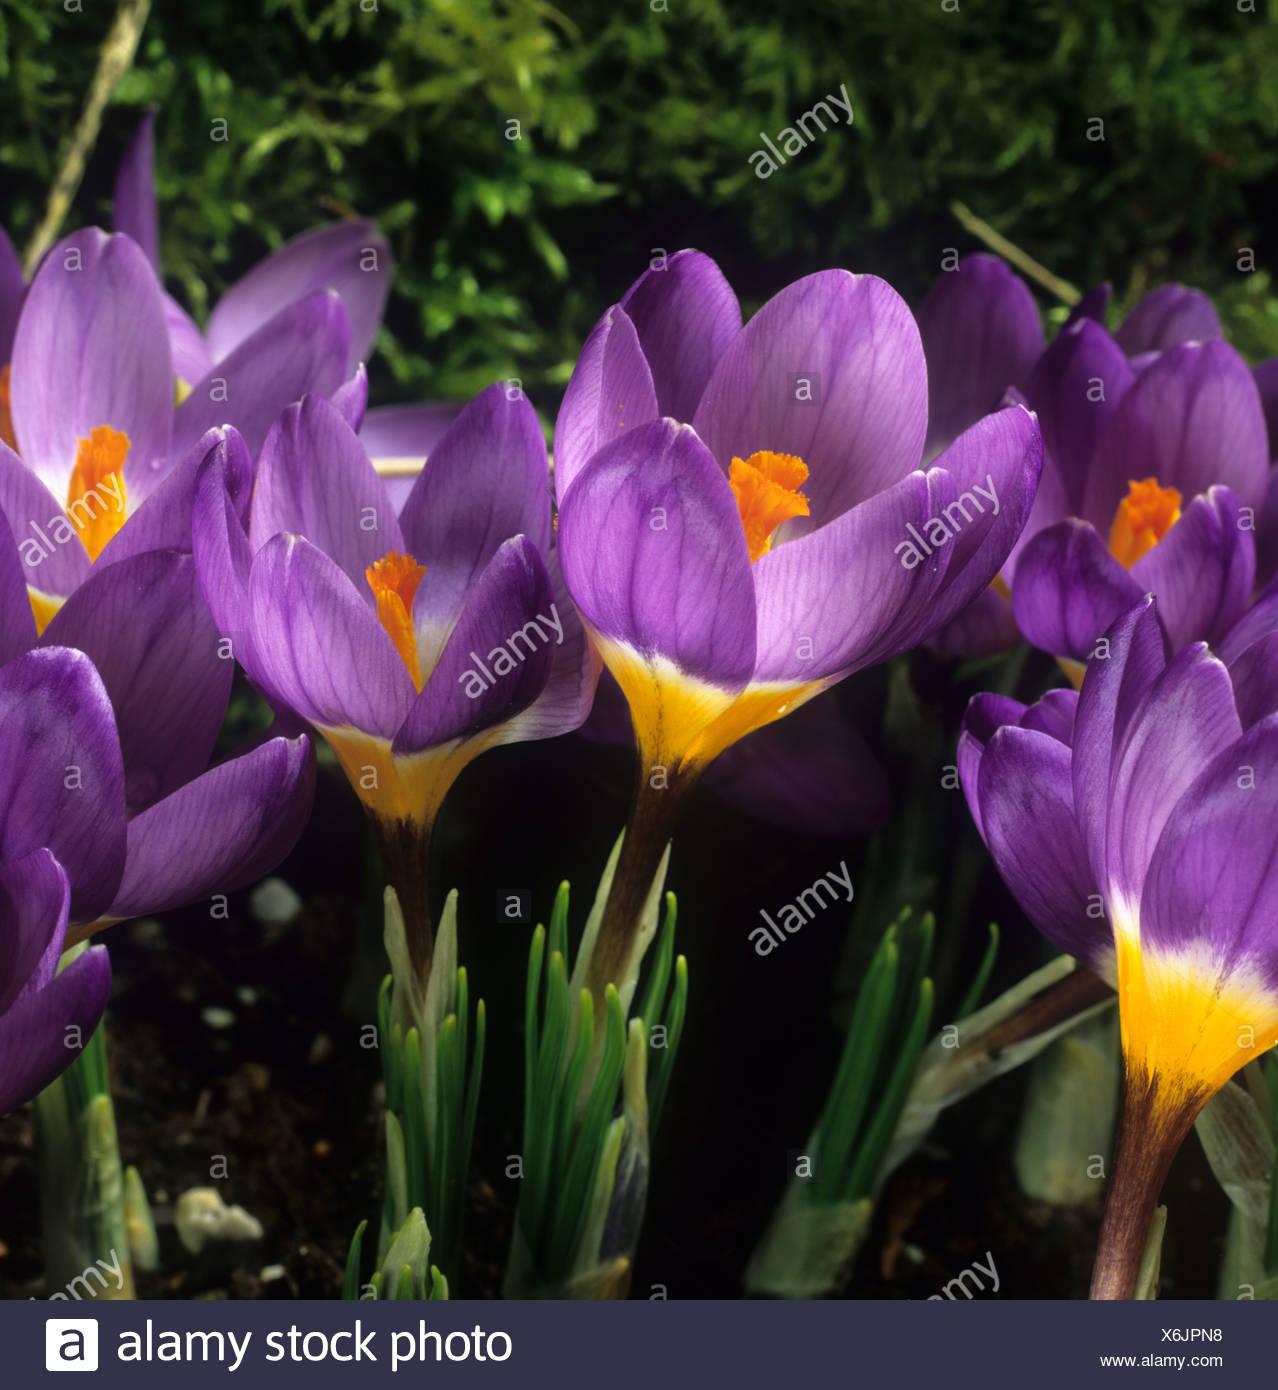 Blühenden Garten Lampe Crocus Sieberi Sublimus f Tricolor Tricolor Stockfoto